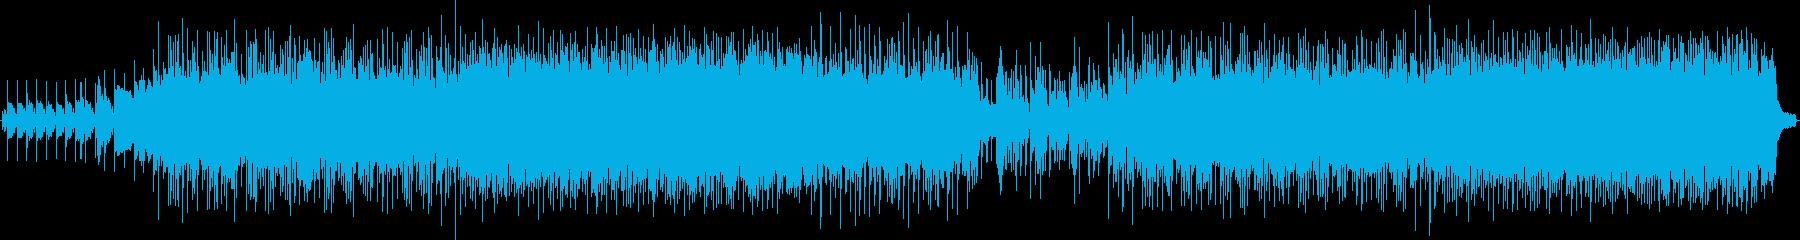 ピアノメインのノスタルジックなバラードの再生済みの波形